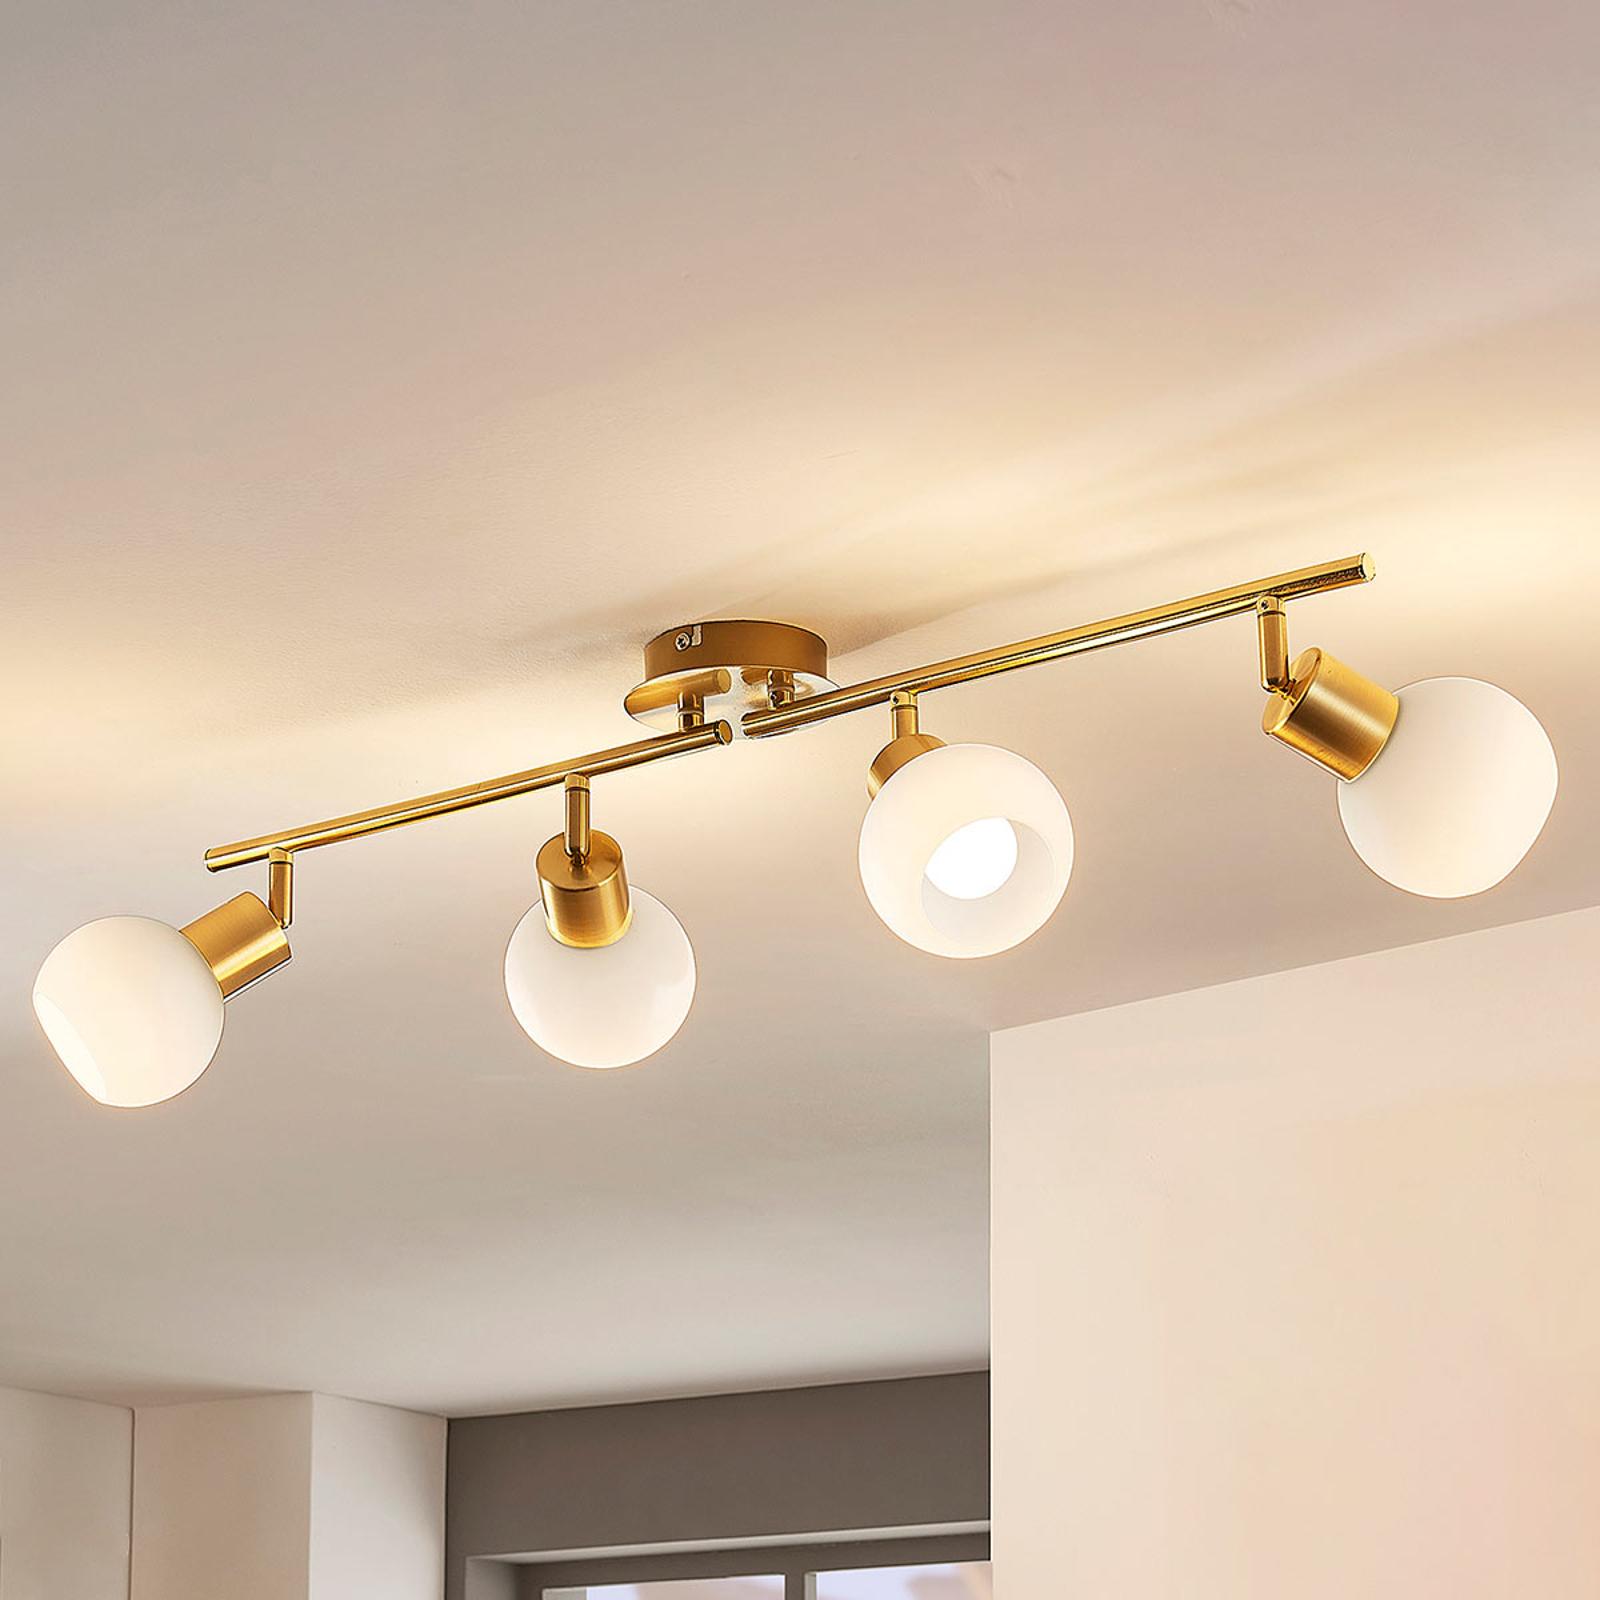 Elaine-LED-loftslampe med fire lyskilder i messing